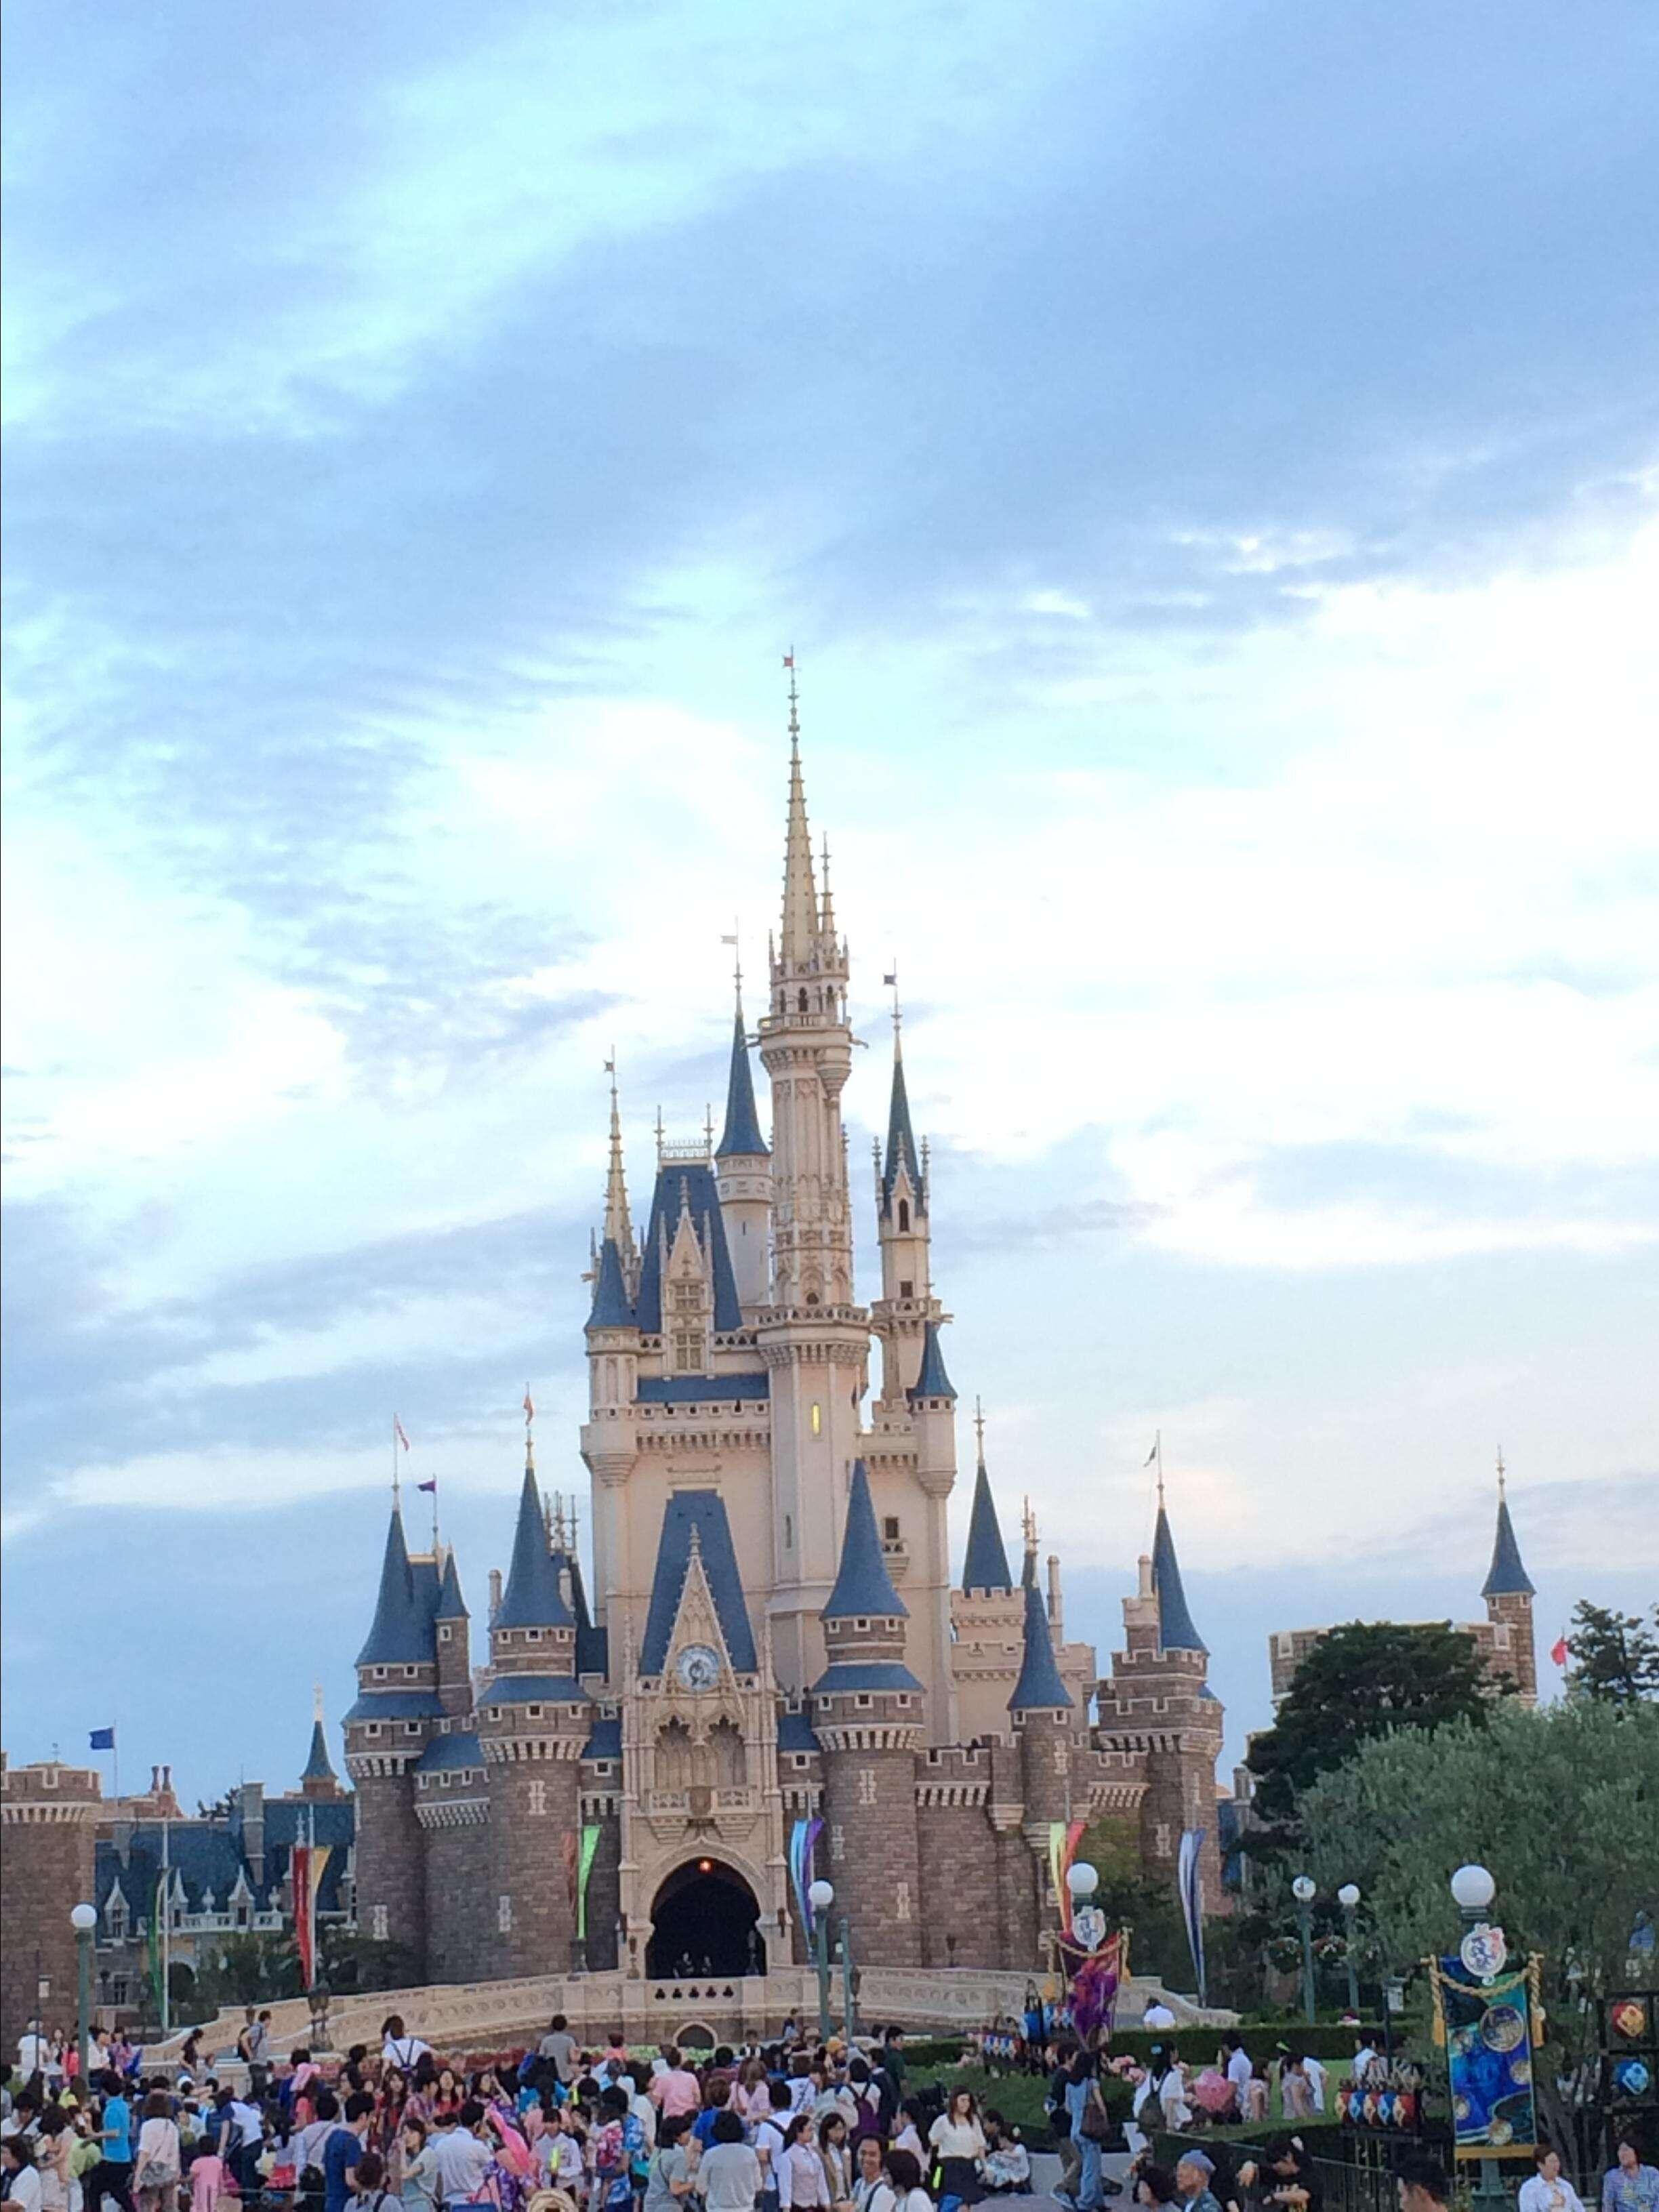 东京迪士尼乐园35周年全新夜间表演震撼五感体验